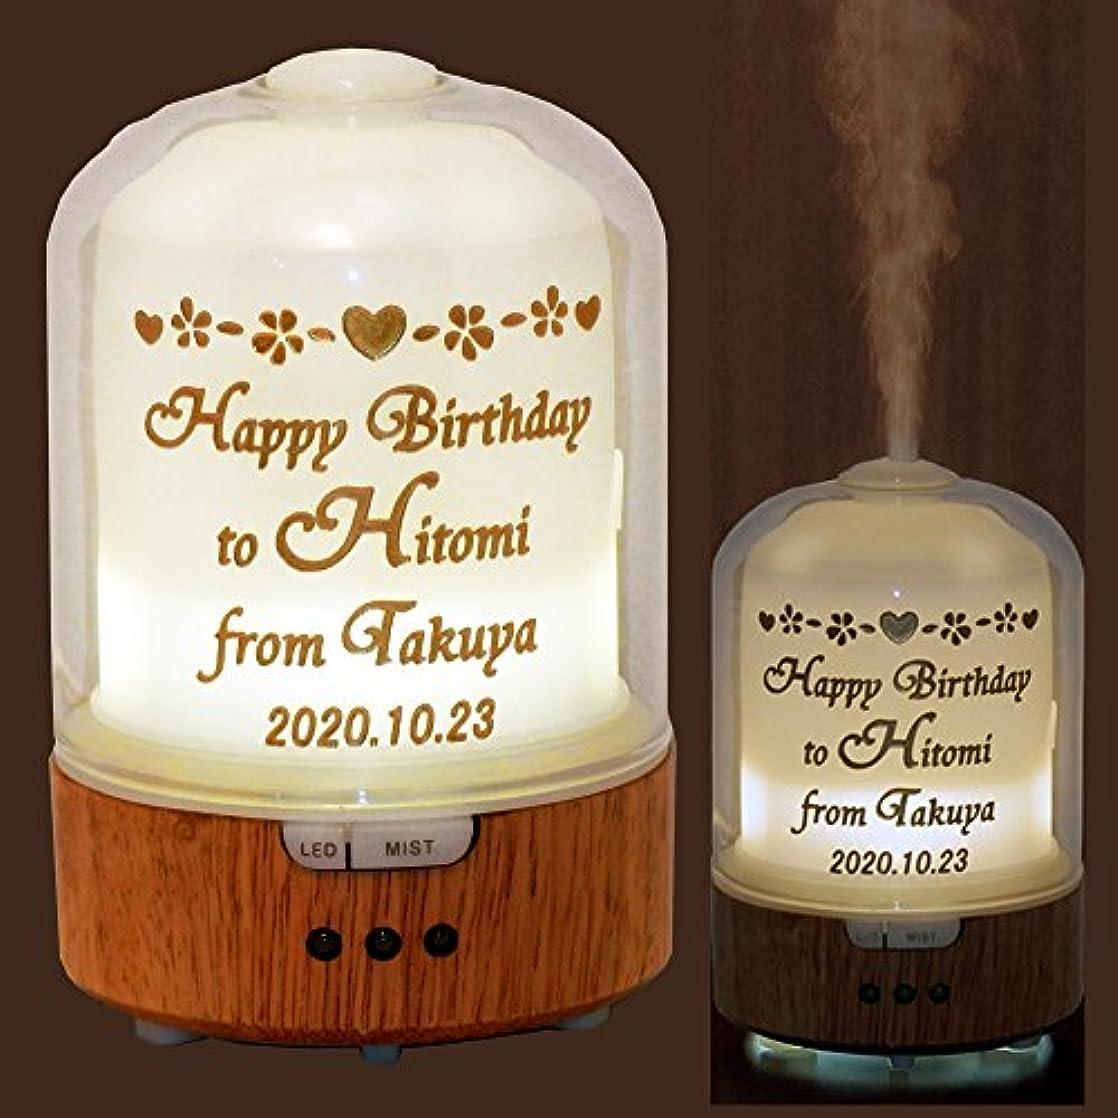 正午つば目立つ名入れ 名前 アロマディフューザー 加湿器 超音波式 還暦 誕生日 母の日 女性プレゼント